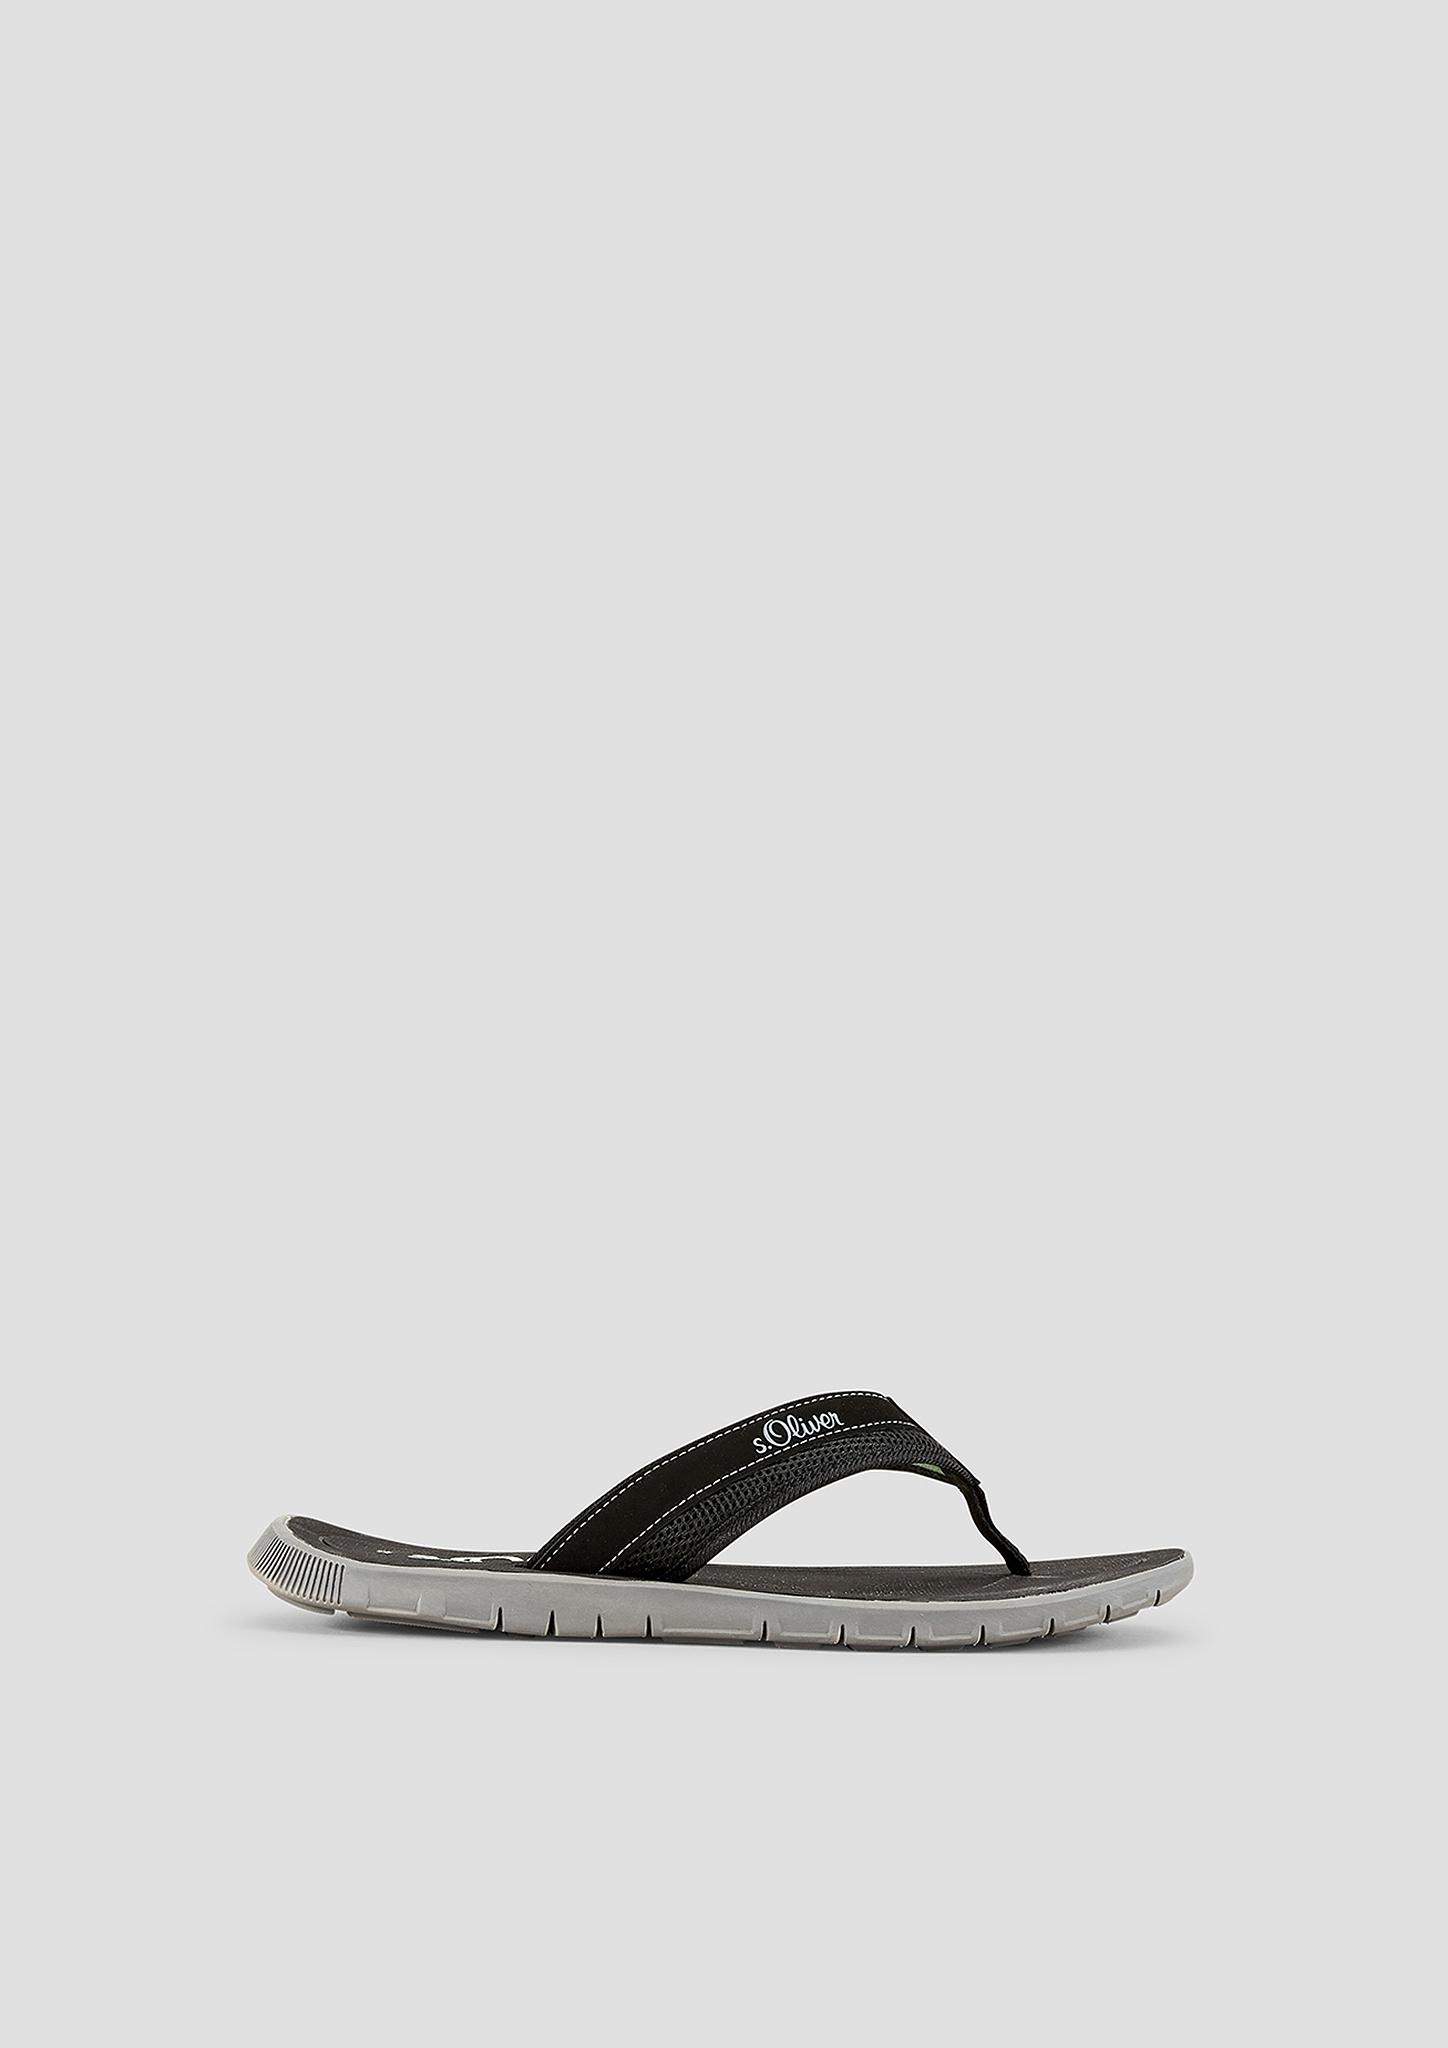 Zehentrenner | Schuhe > Sandalen & Zehentrenner | Grau/schwarz | Obermaterial aus textil und synthetik| futter aus textil| decksohle und laufsohle aus synthetik | s.Oliver